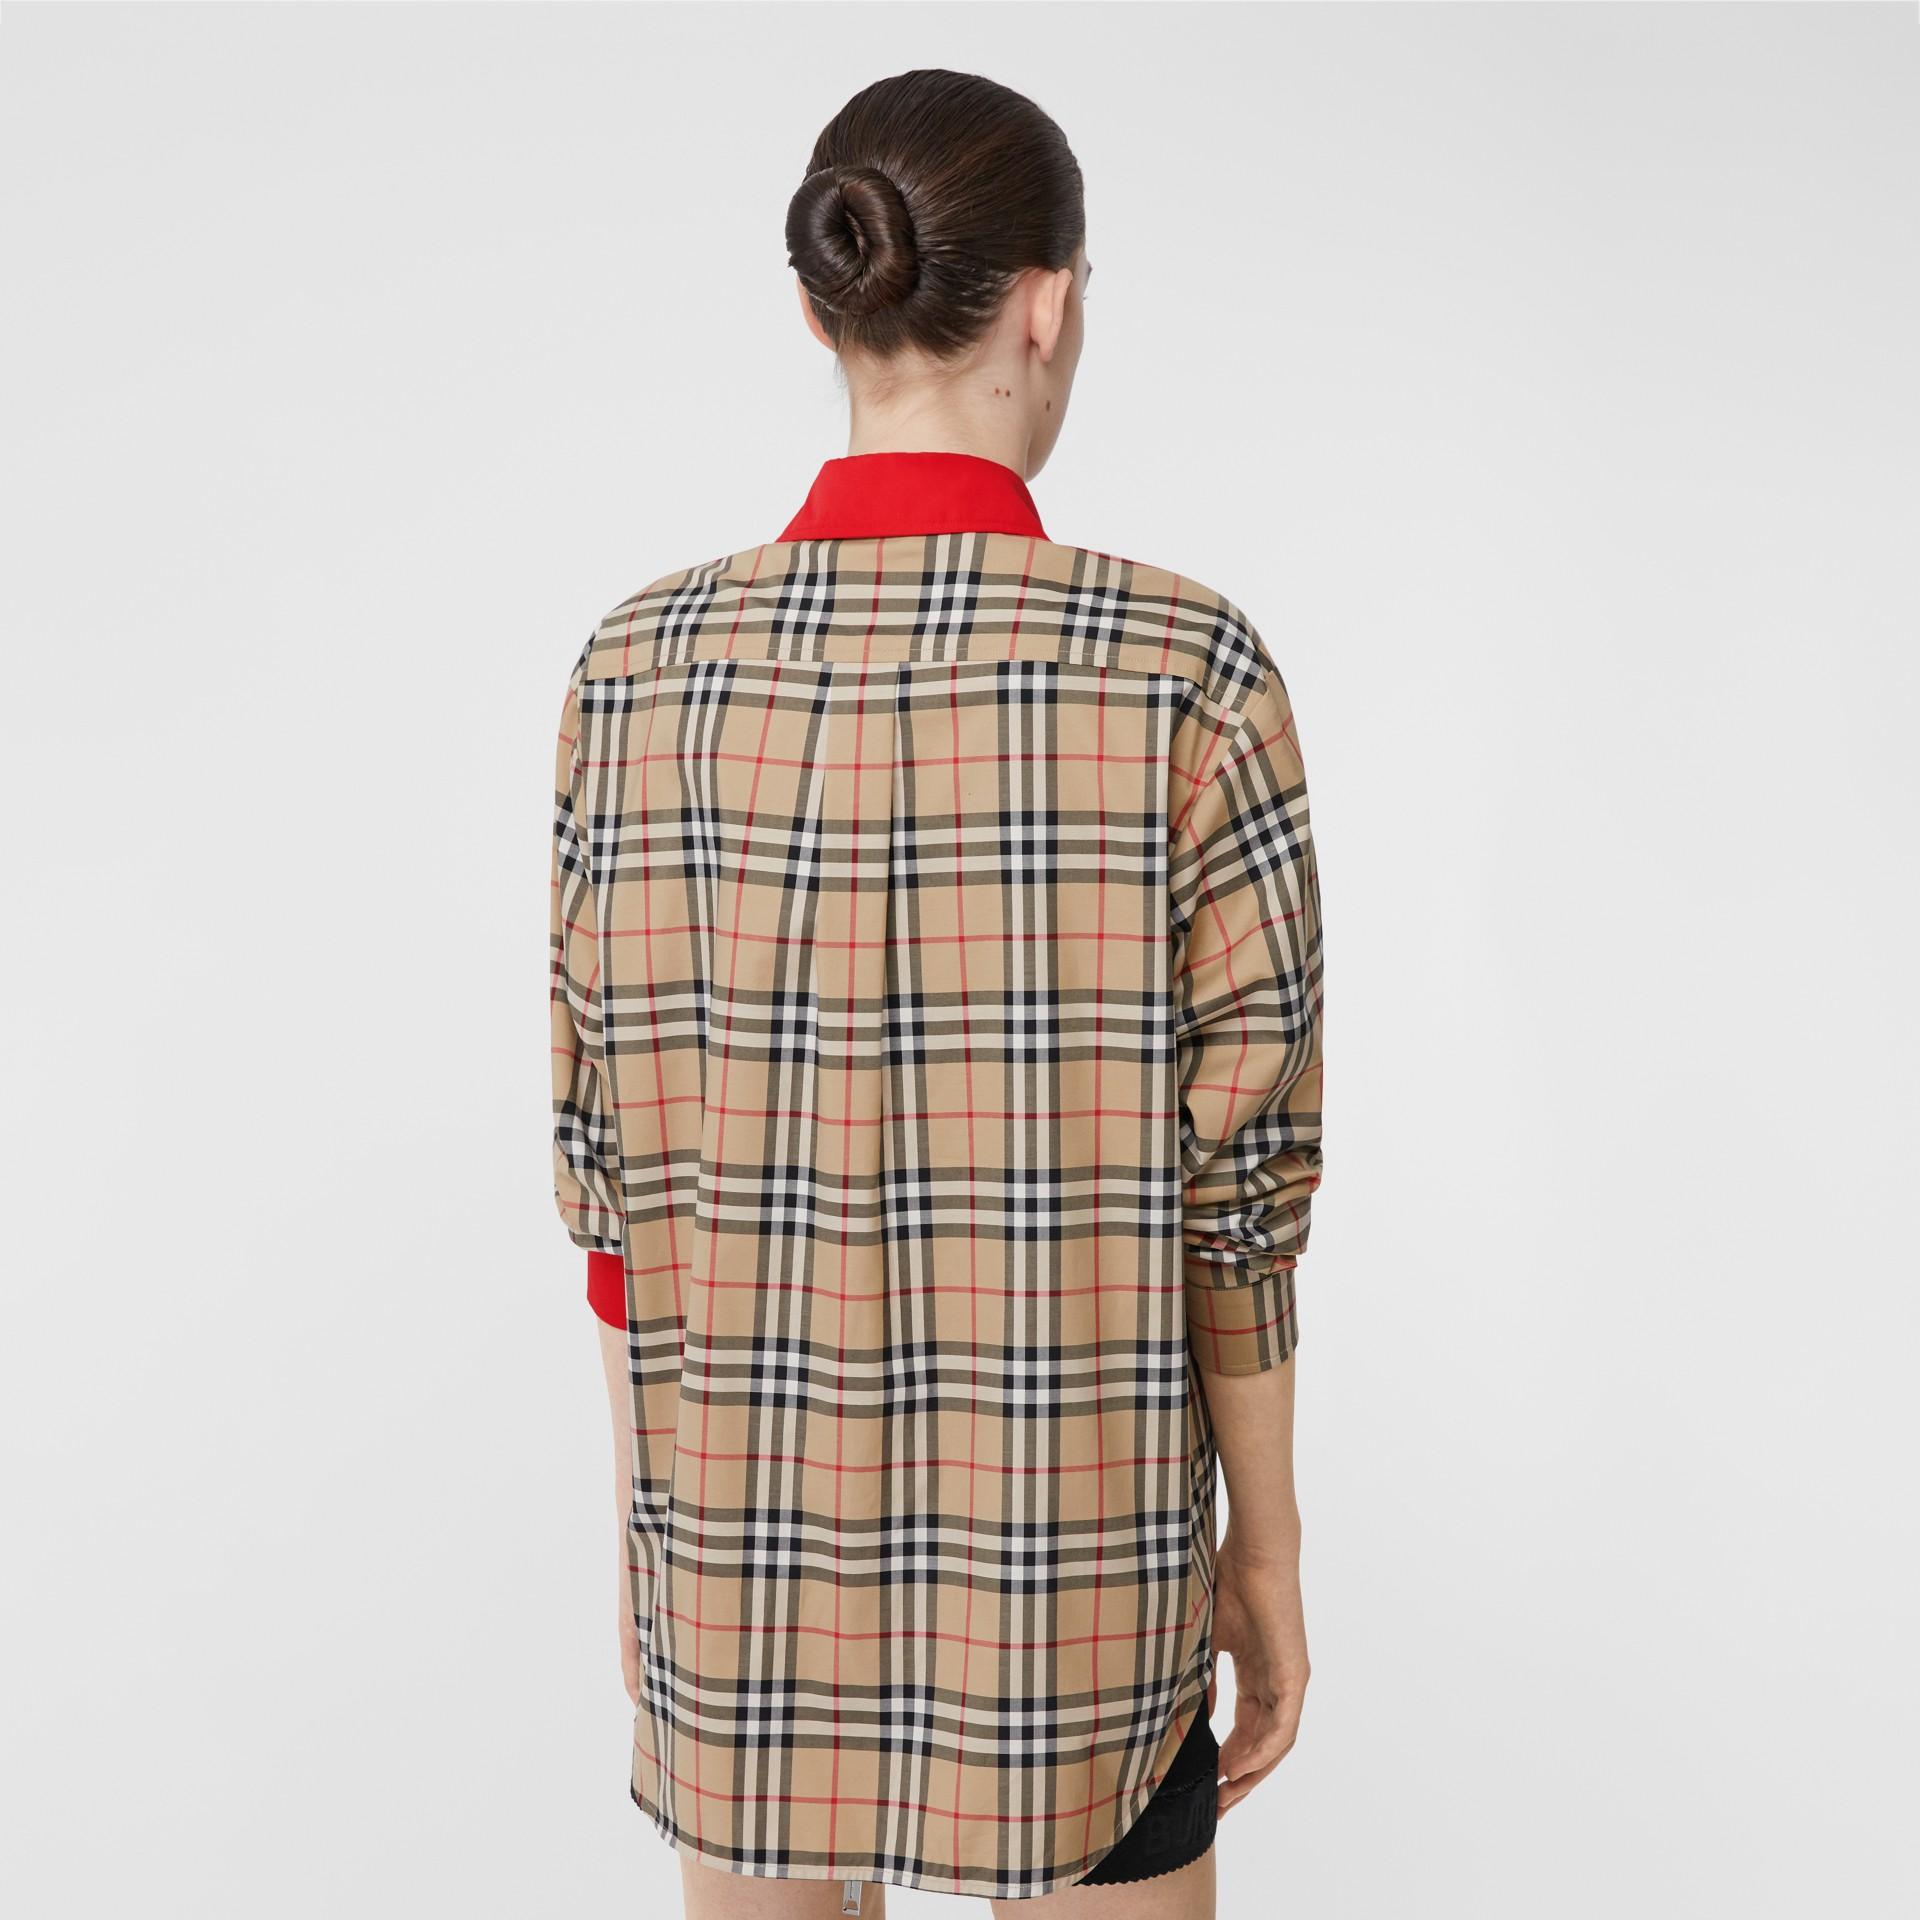 Camisa en algodón elástico a cuadros Vintage Checks con detalles a contraste (Beige) - Mujer | Burberry - imagen de la galería 2